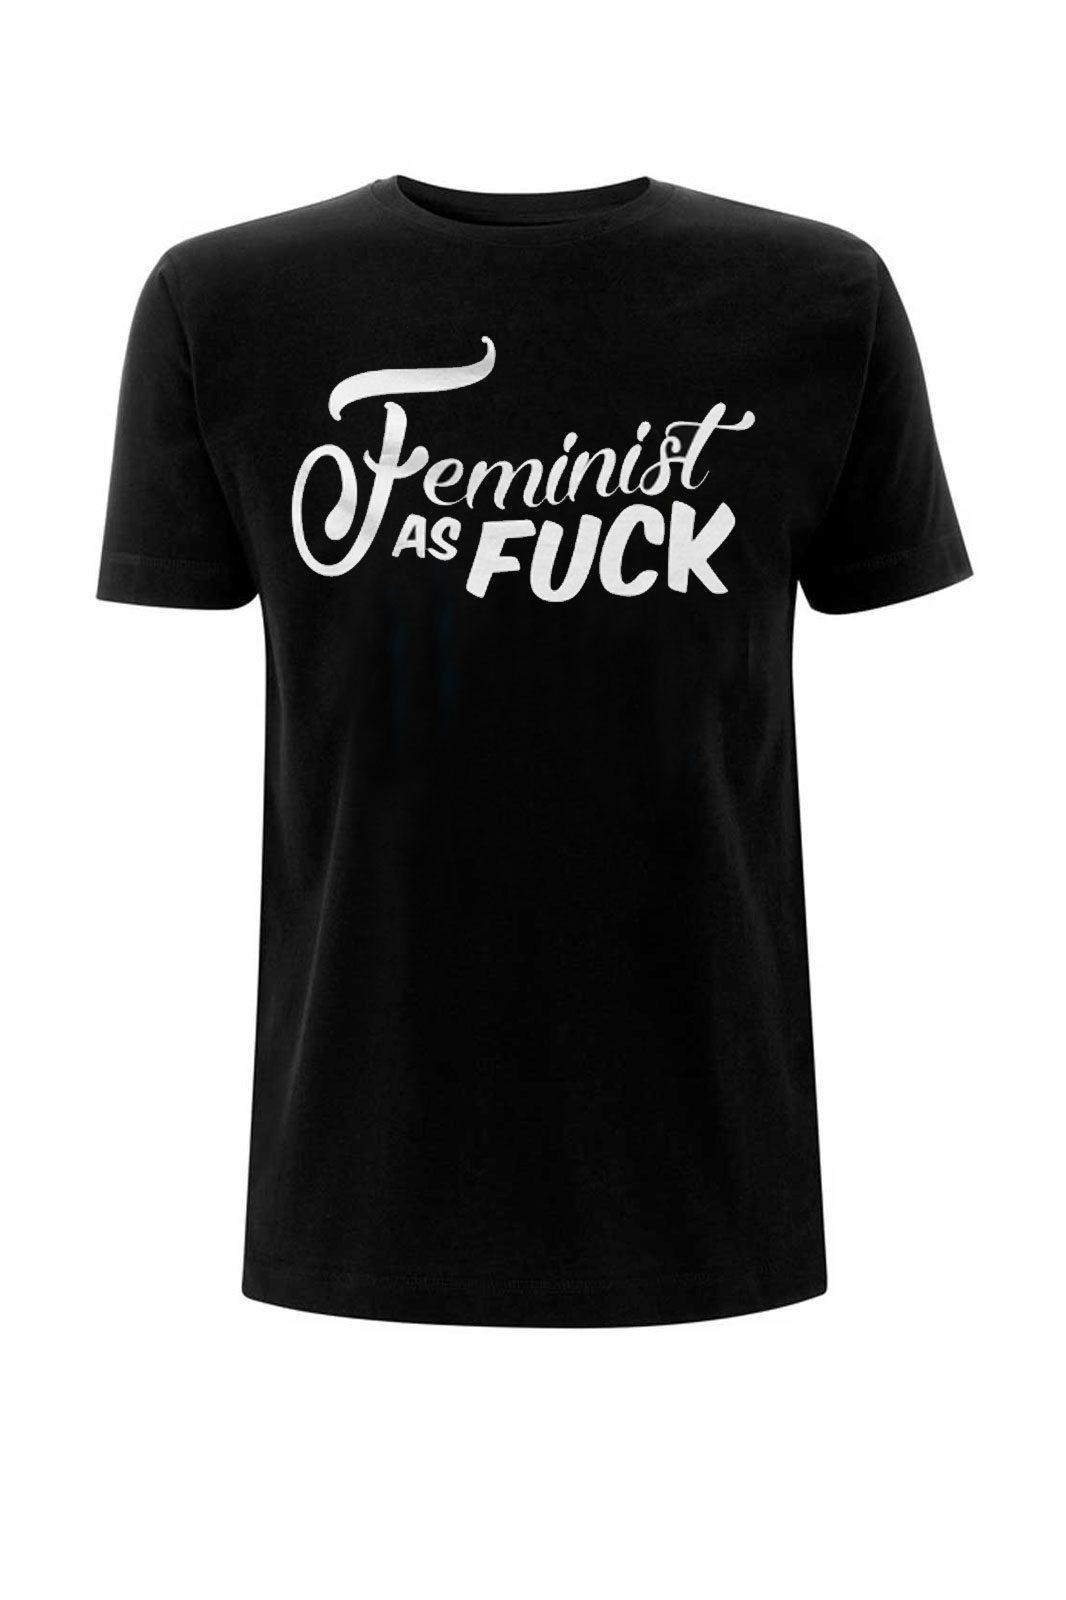 Feminist As Fuck Tee